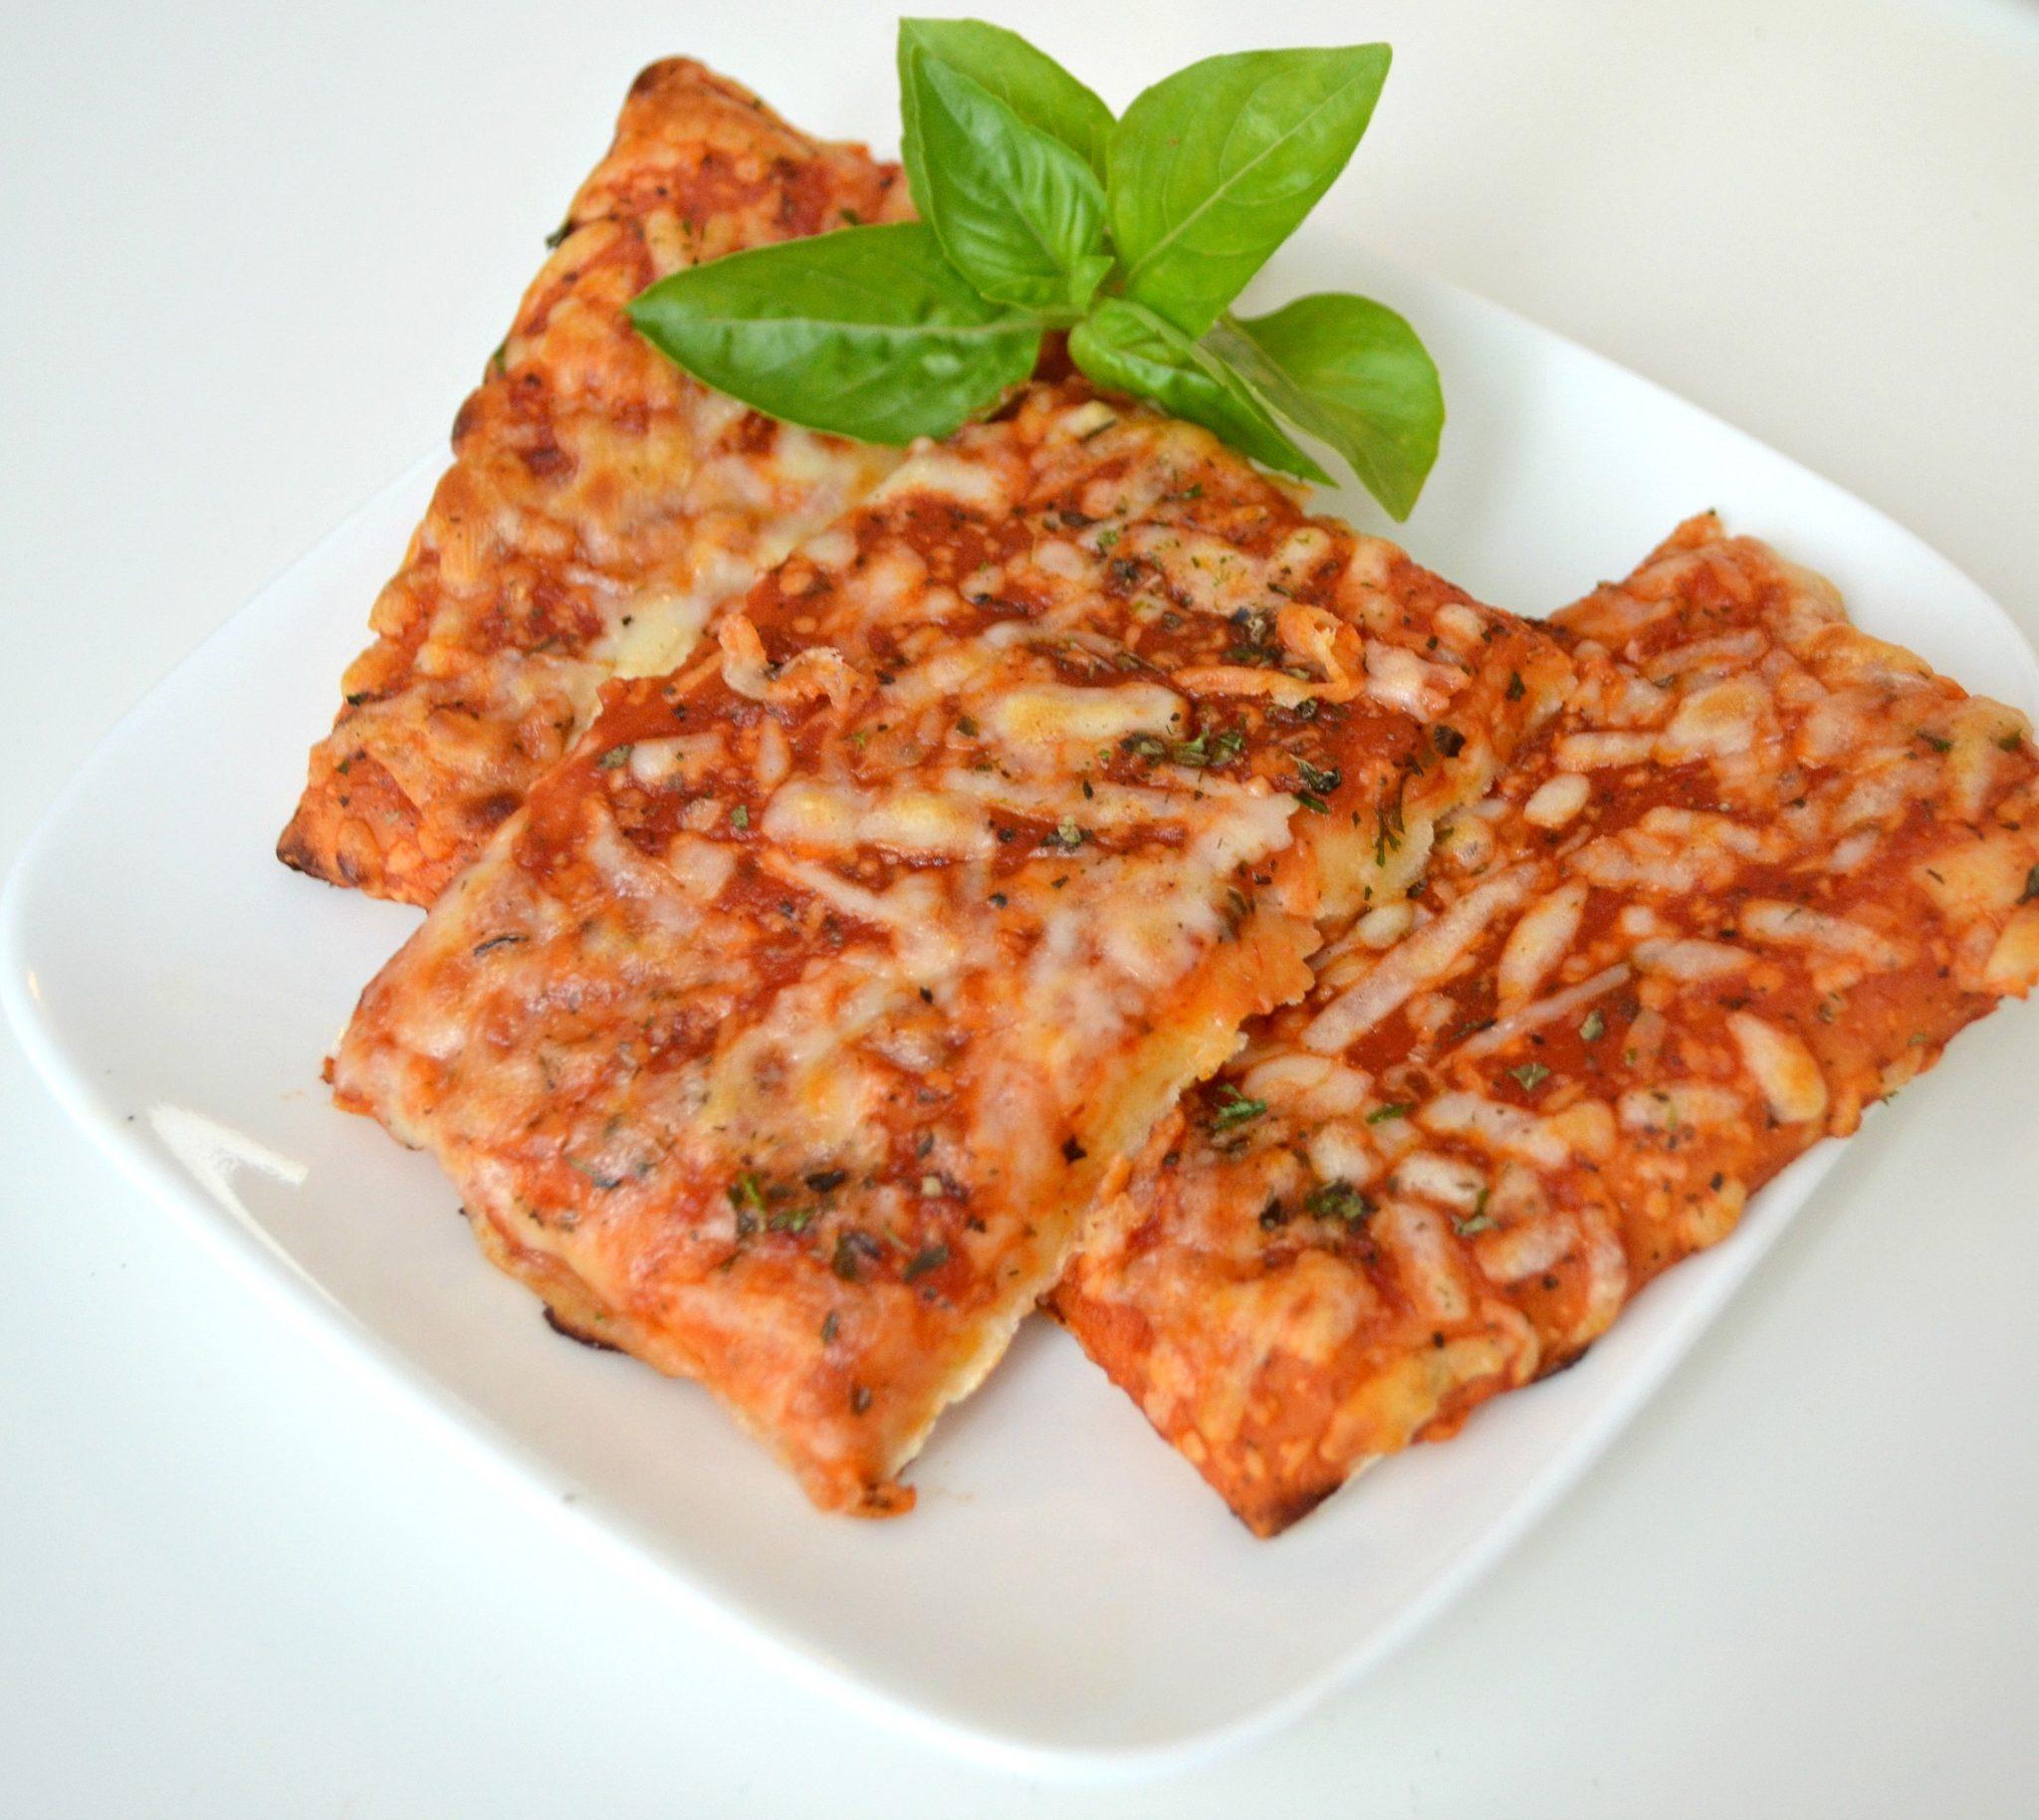 Ellio's Pizza 5 Cheese